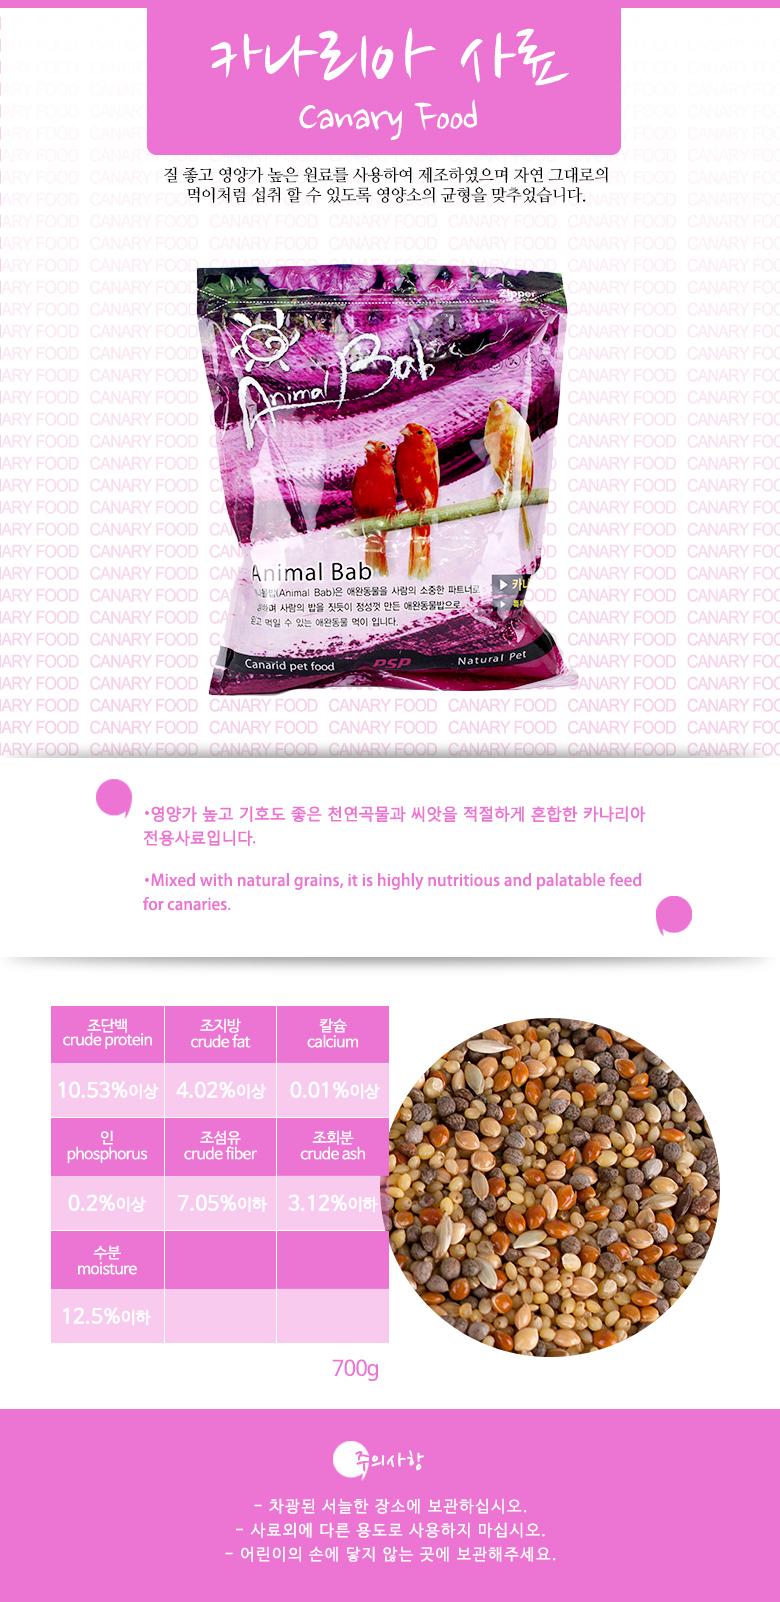 애니멀 밥 카나리아 750g 3개 - 미미네아쿠아, 9,000원, 조류용품, 사료/모이